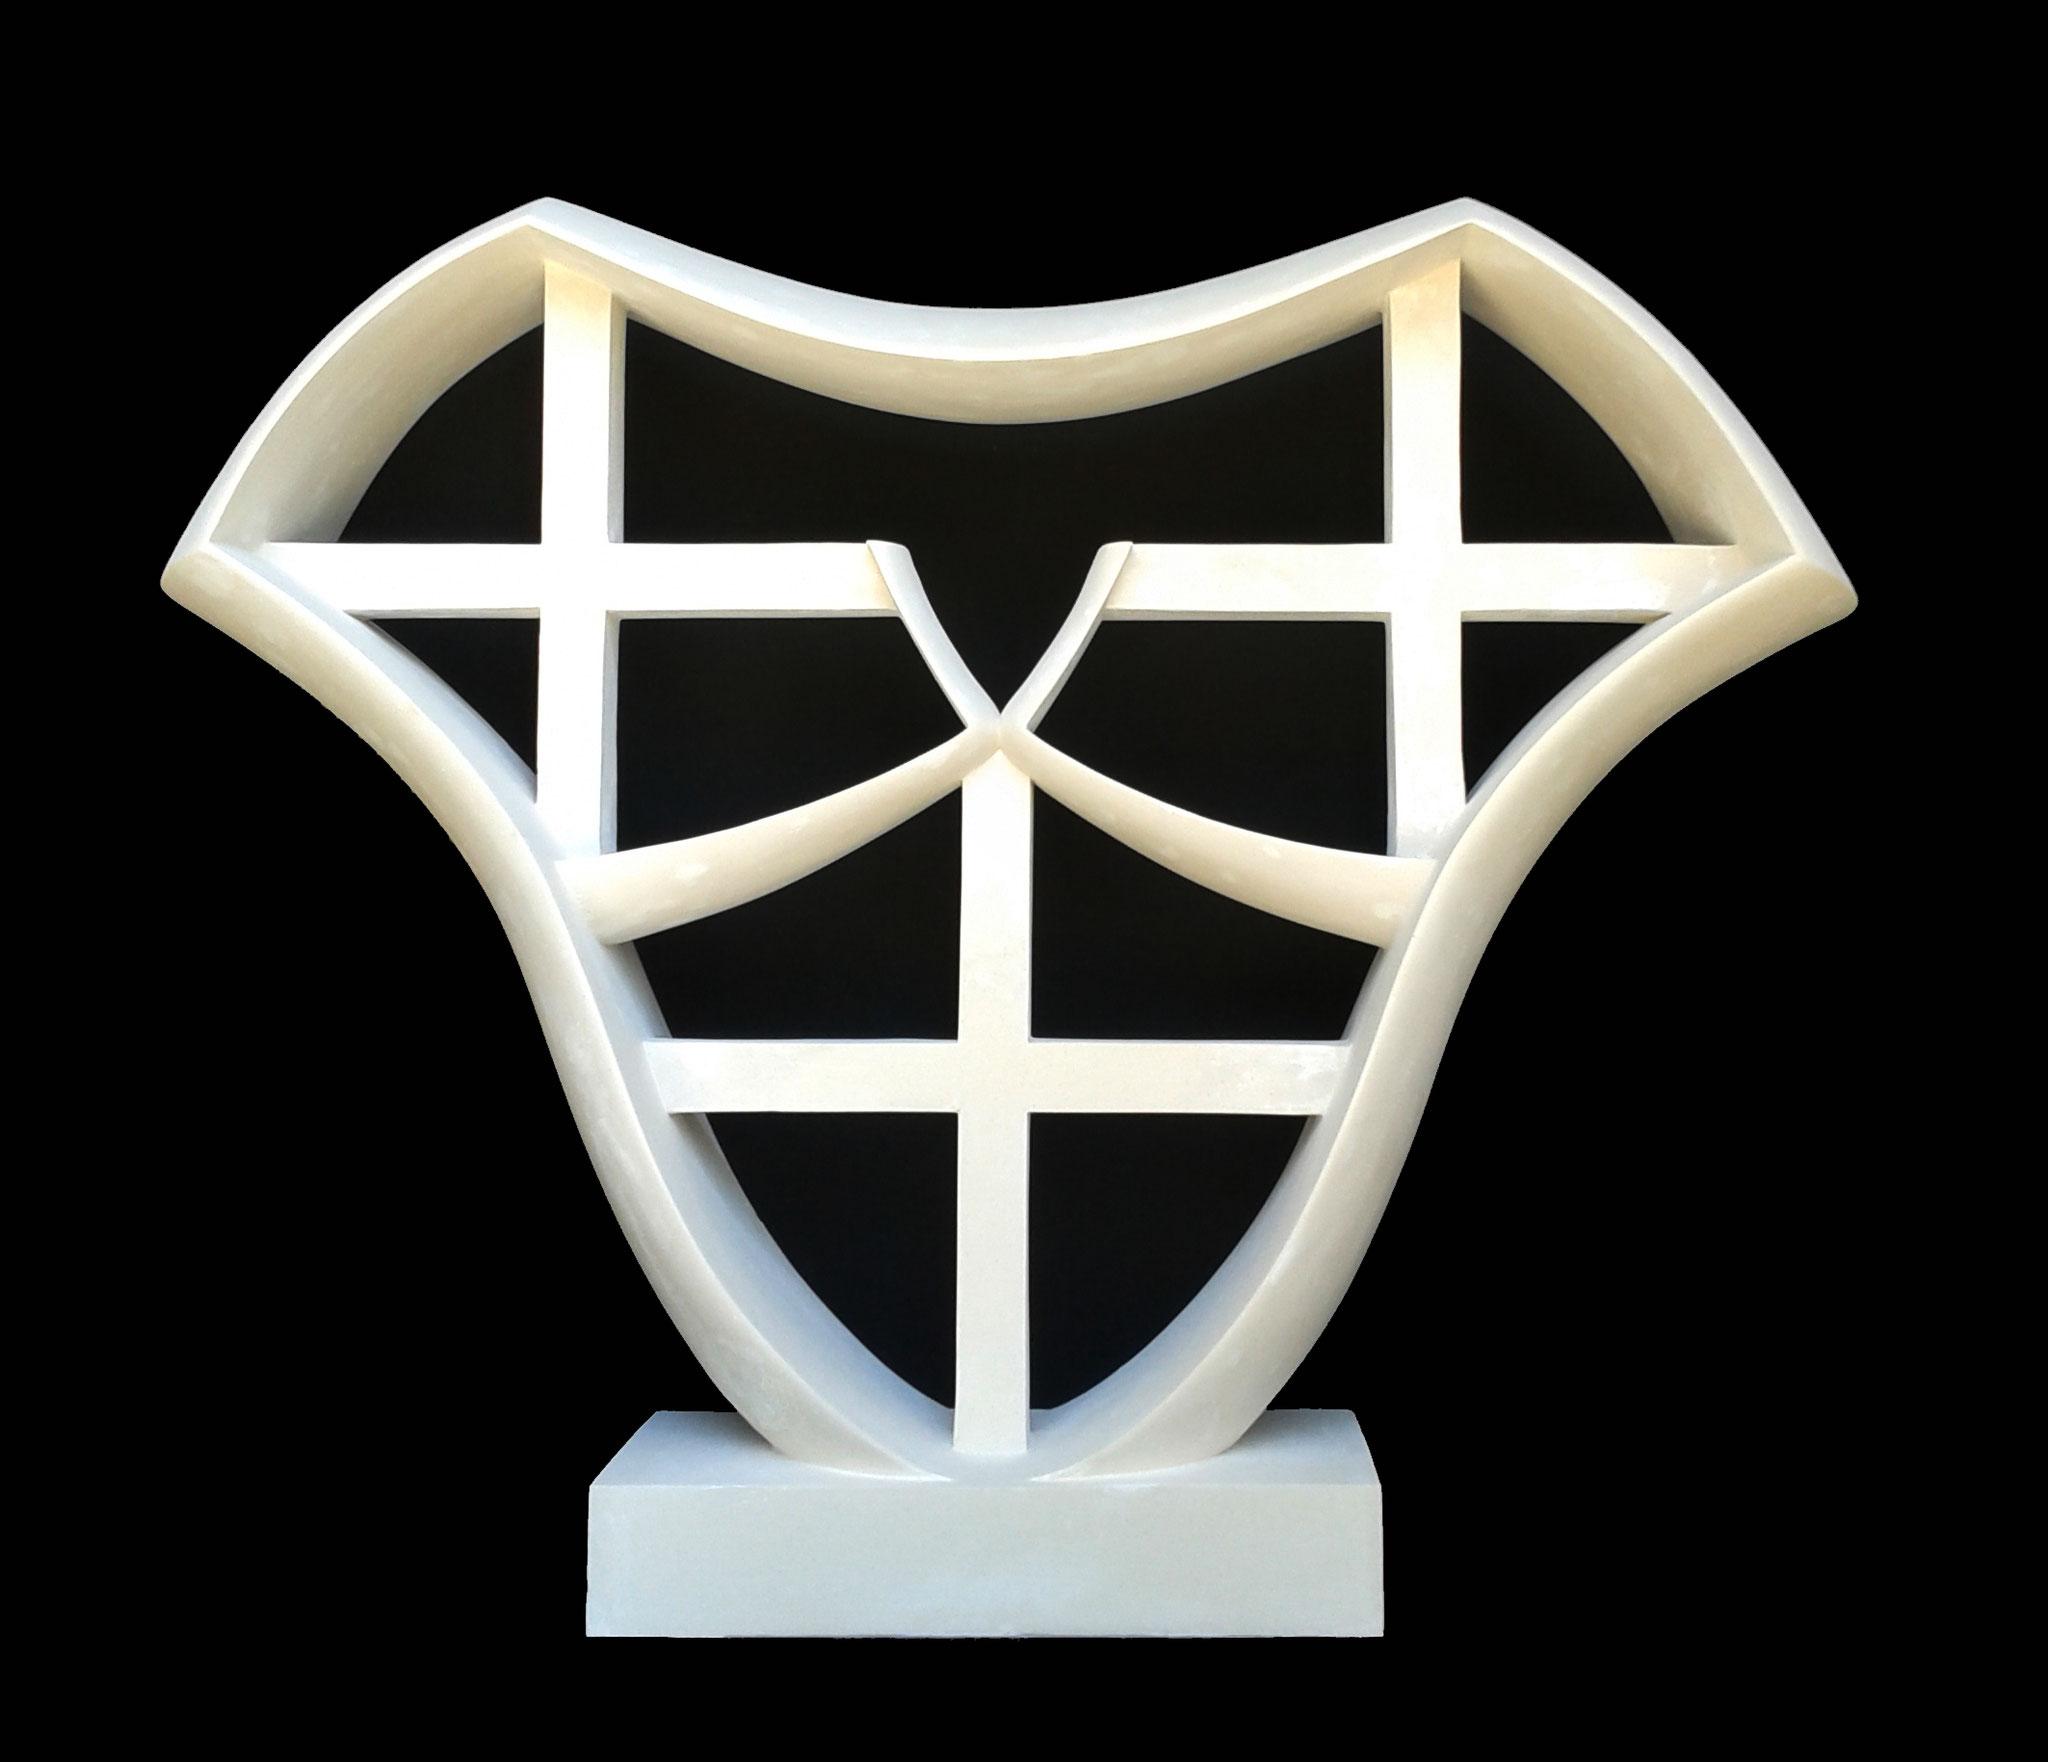 EVA. 2013. 80 x 100 x 19 cm. Plaster.